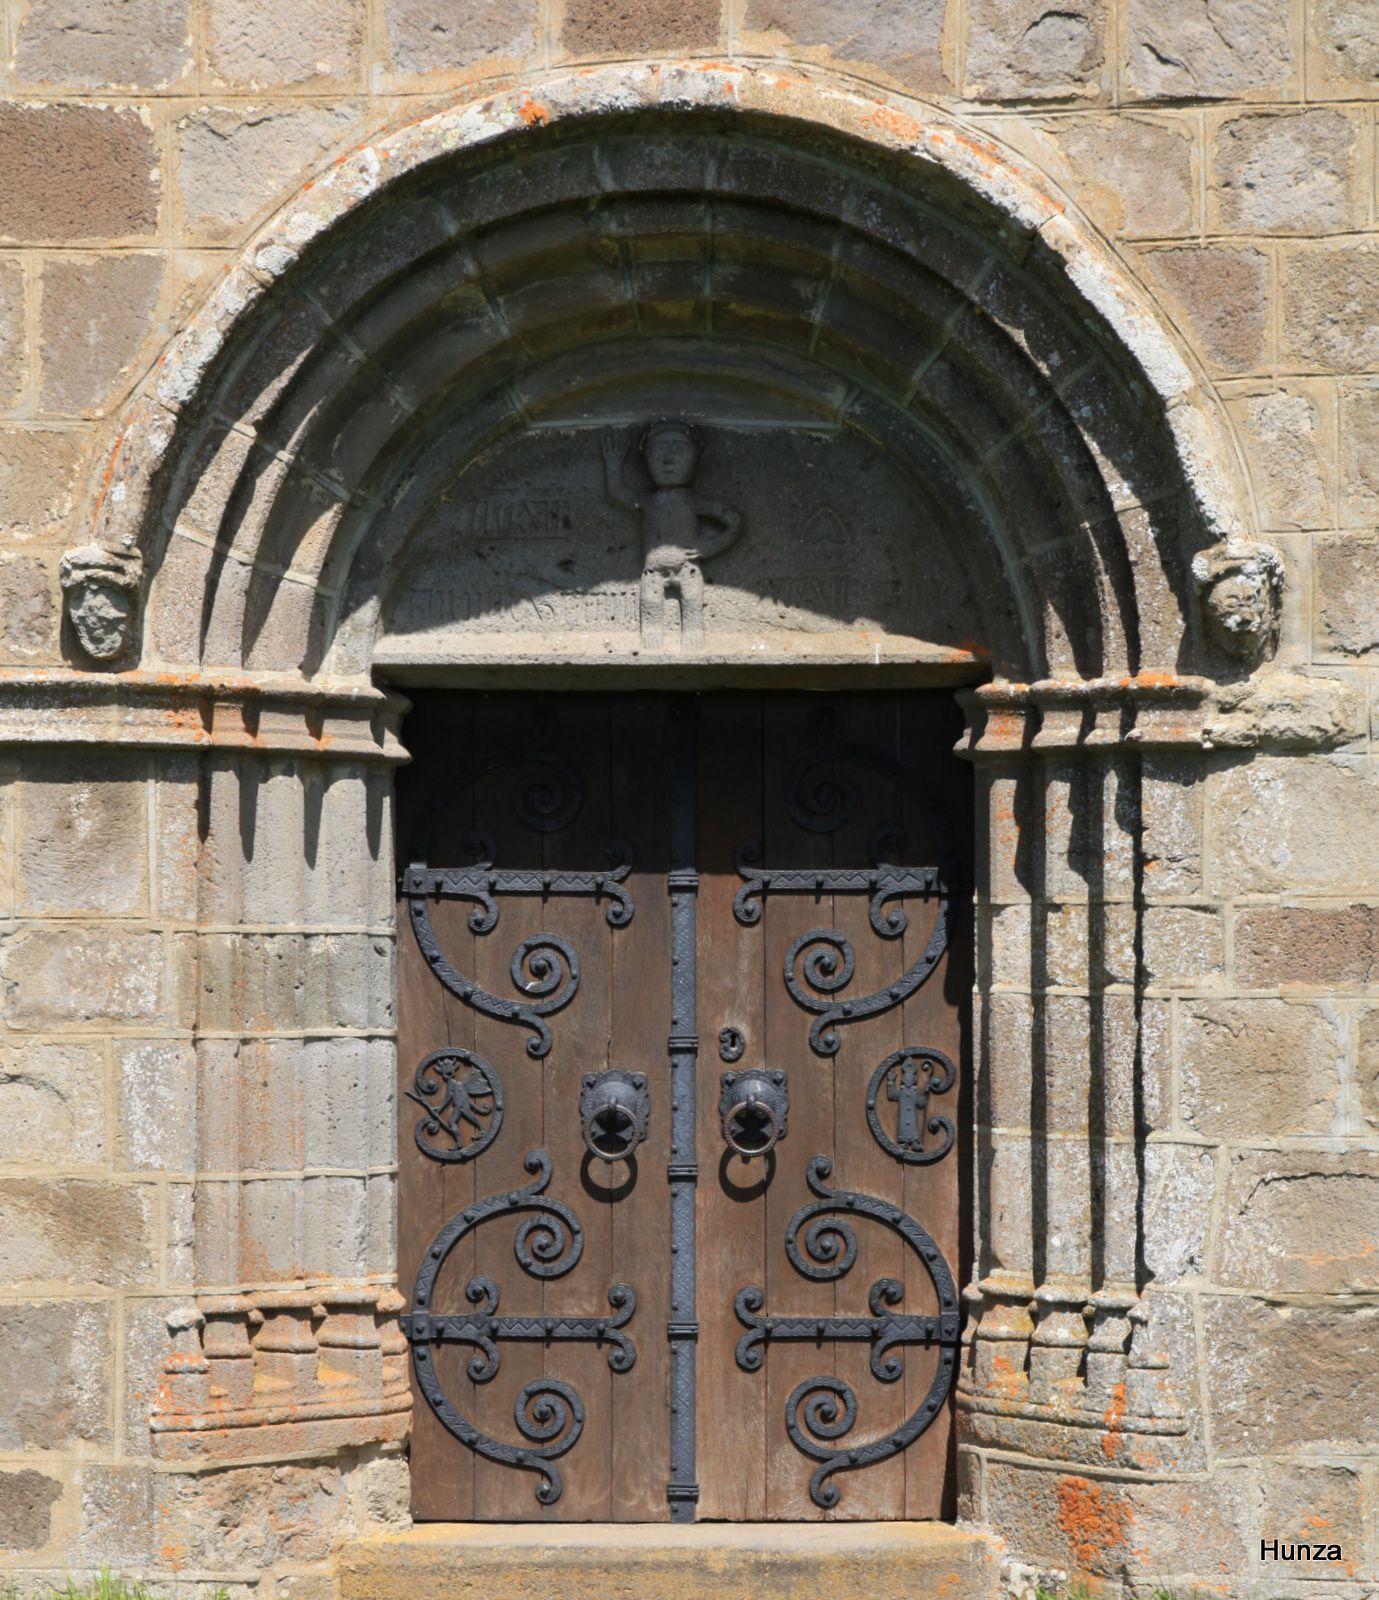 Eglise Saint-Alyre ou église Saint-Elide de Saint-Alyre ès Montagne